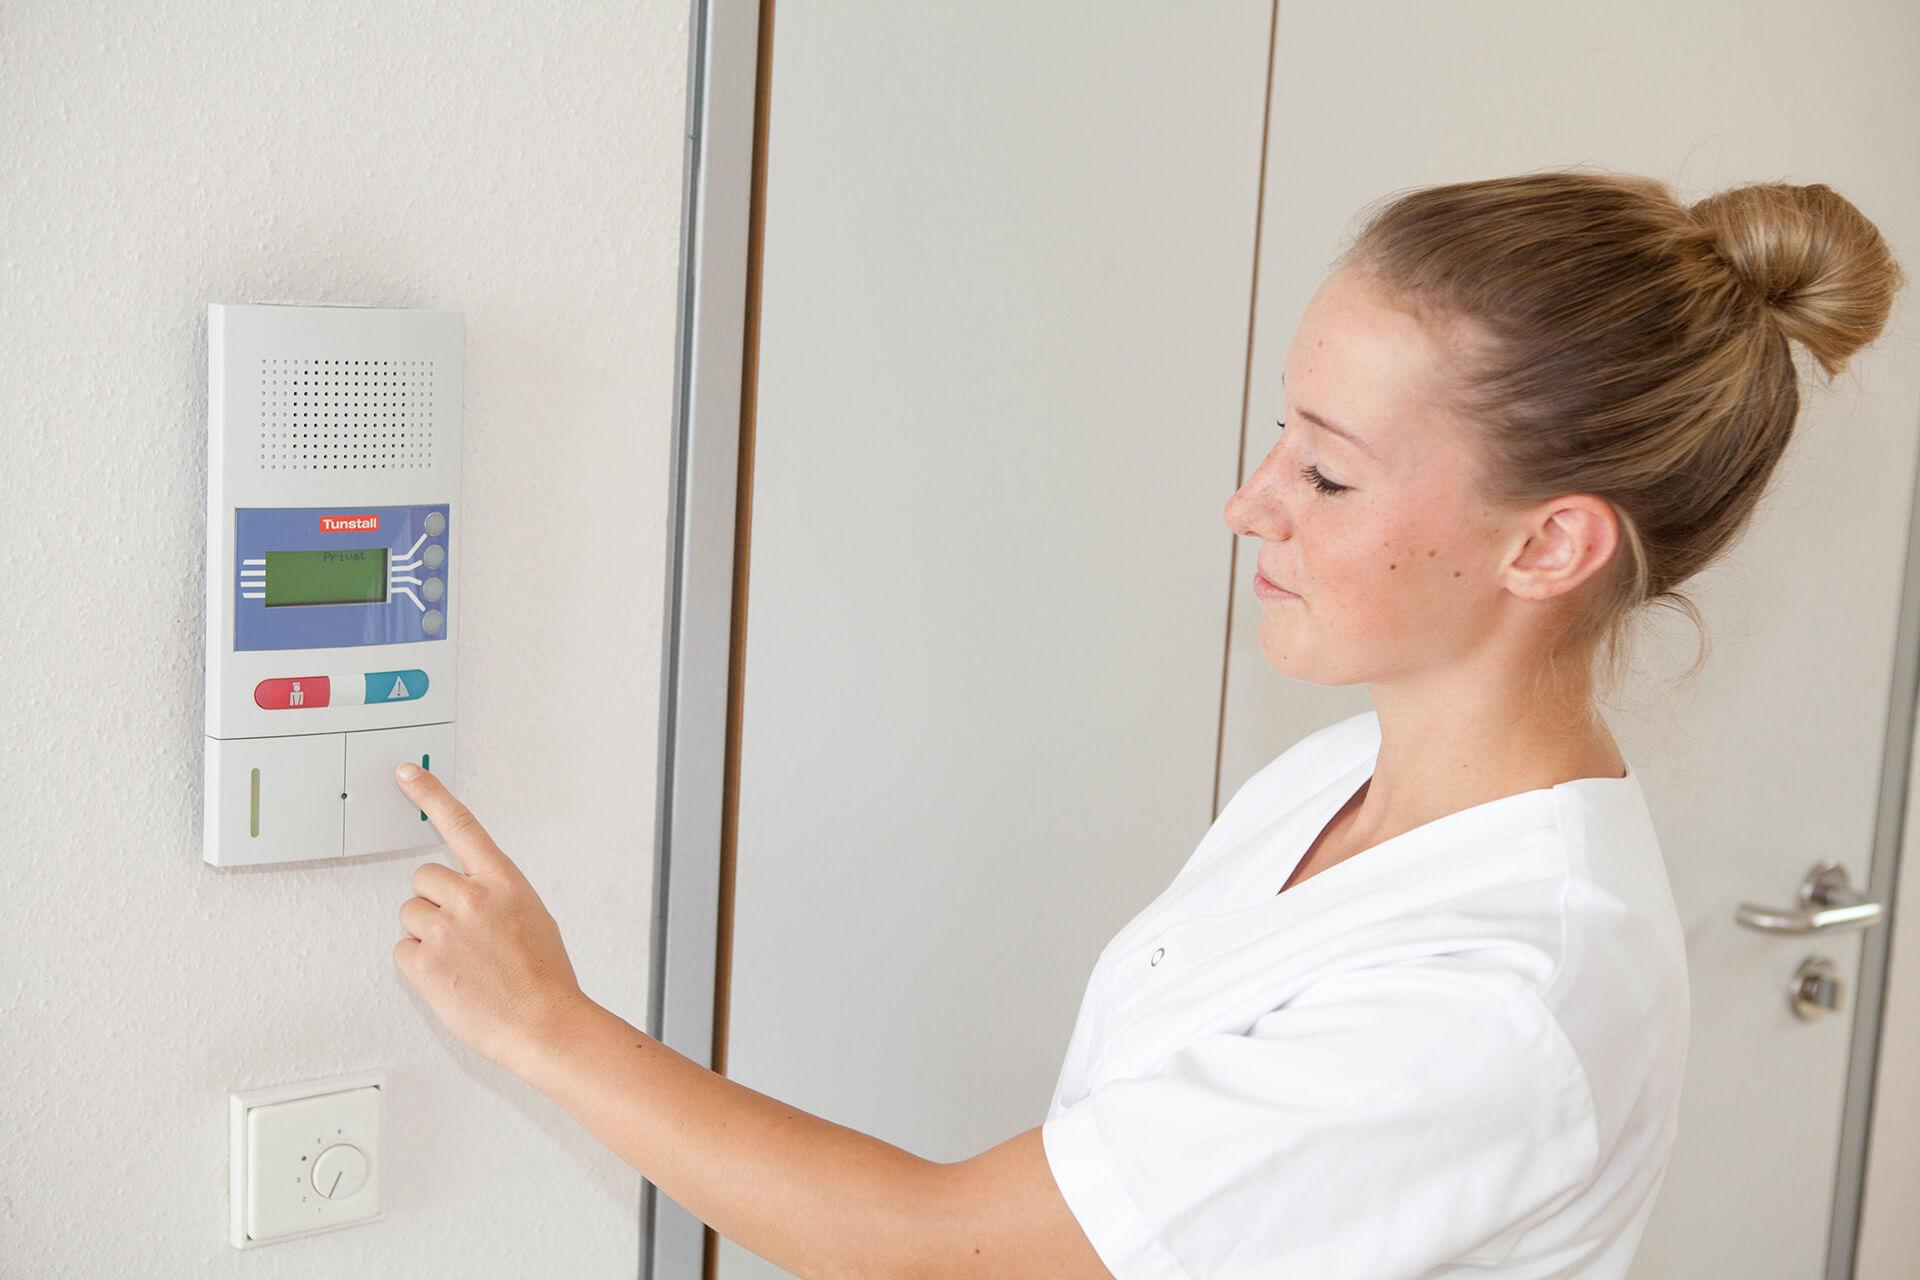 <p><strong>KRANKENHAUSTECHNIK</strong></p> <p>Seit über 30 Jahren sind wir auf den Bereich Lichtrufanlagen für Krankenhäuser und Altenheime spezialisiert.</p>